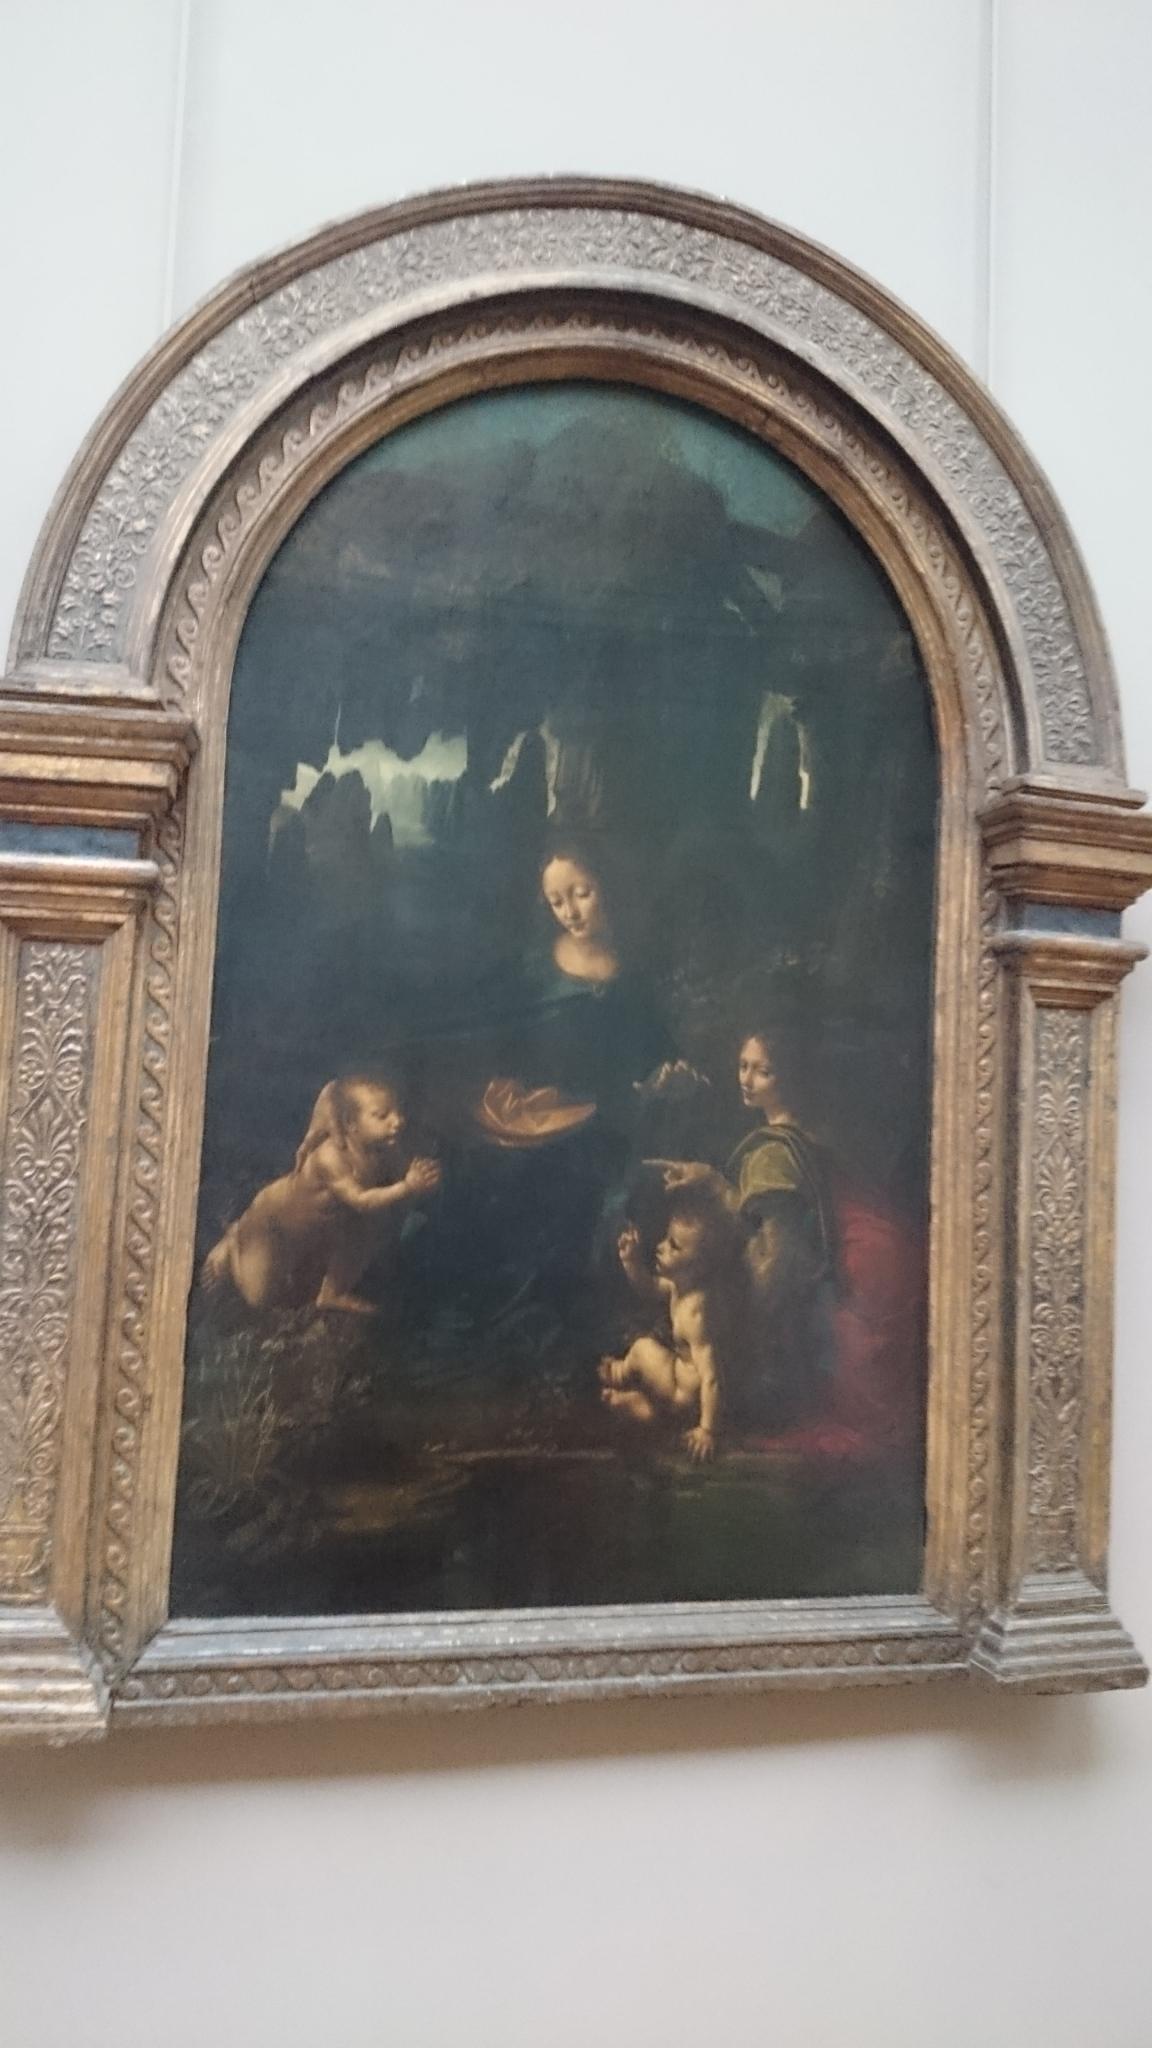 dsc 1480 - Consejos para visitar el Museo Louvre (y otros museos)